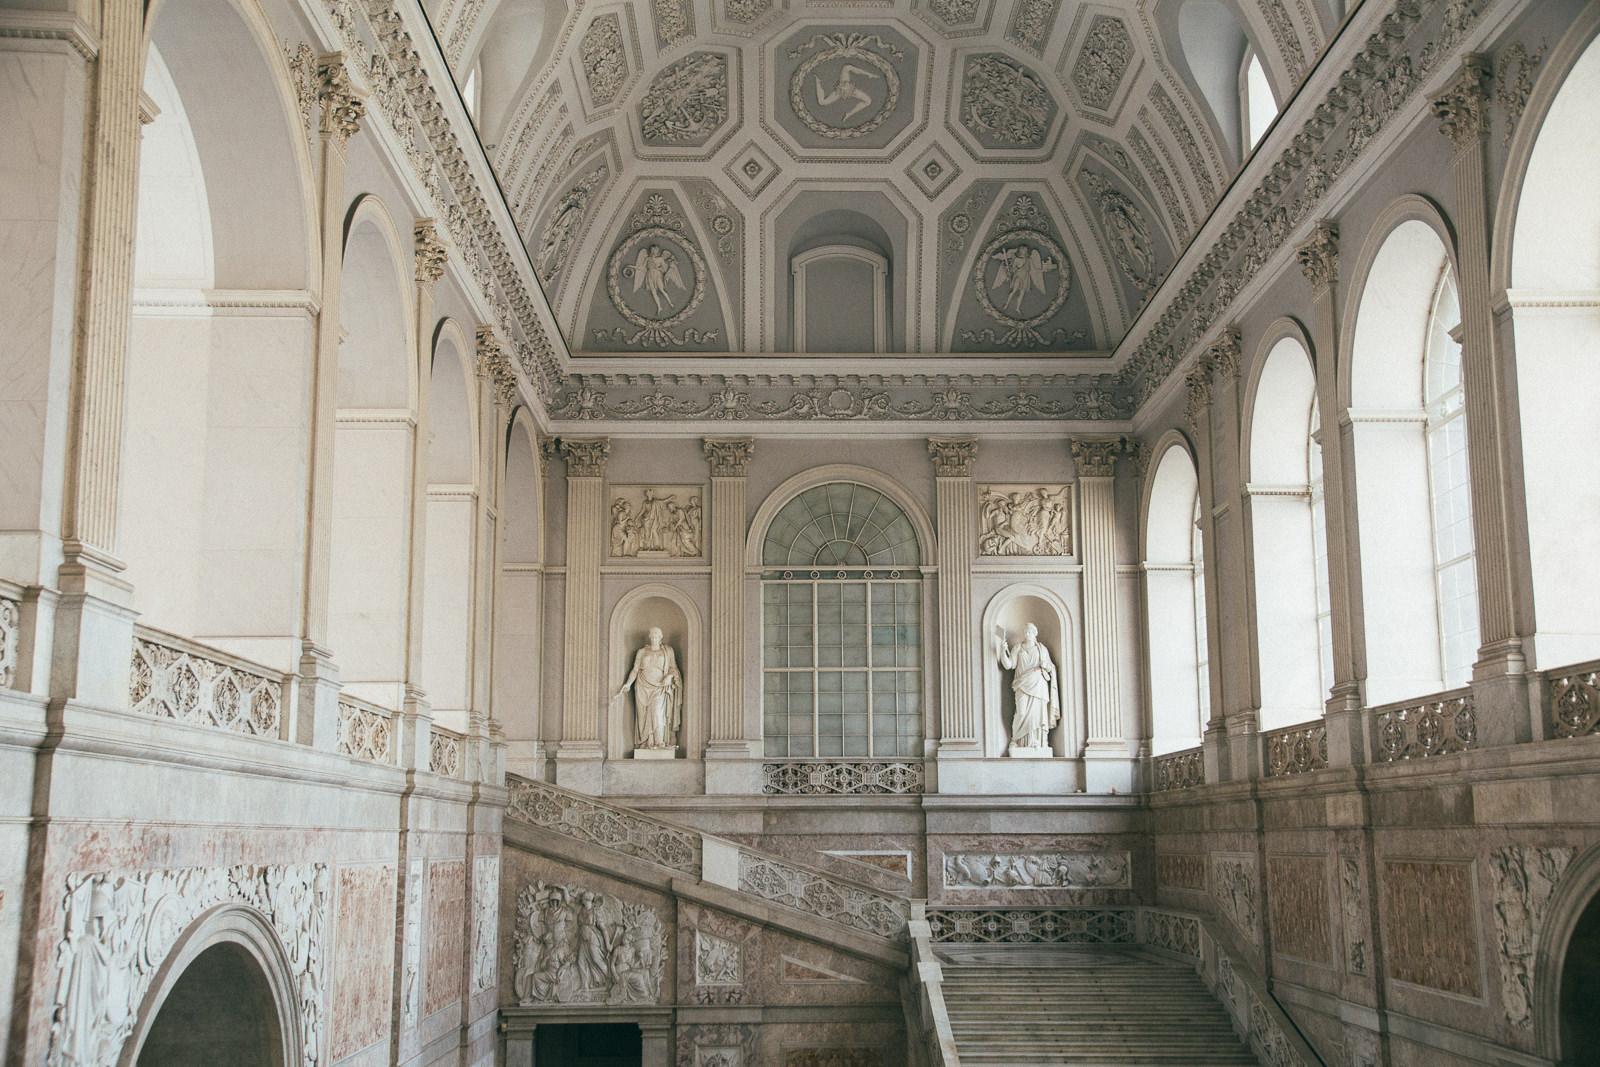 atrakcje-Neapol-Palazzo-Reale-di-Napoli-co-zobaczyć-w-neapolu